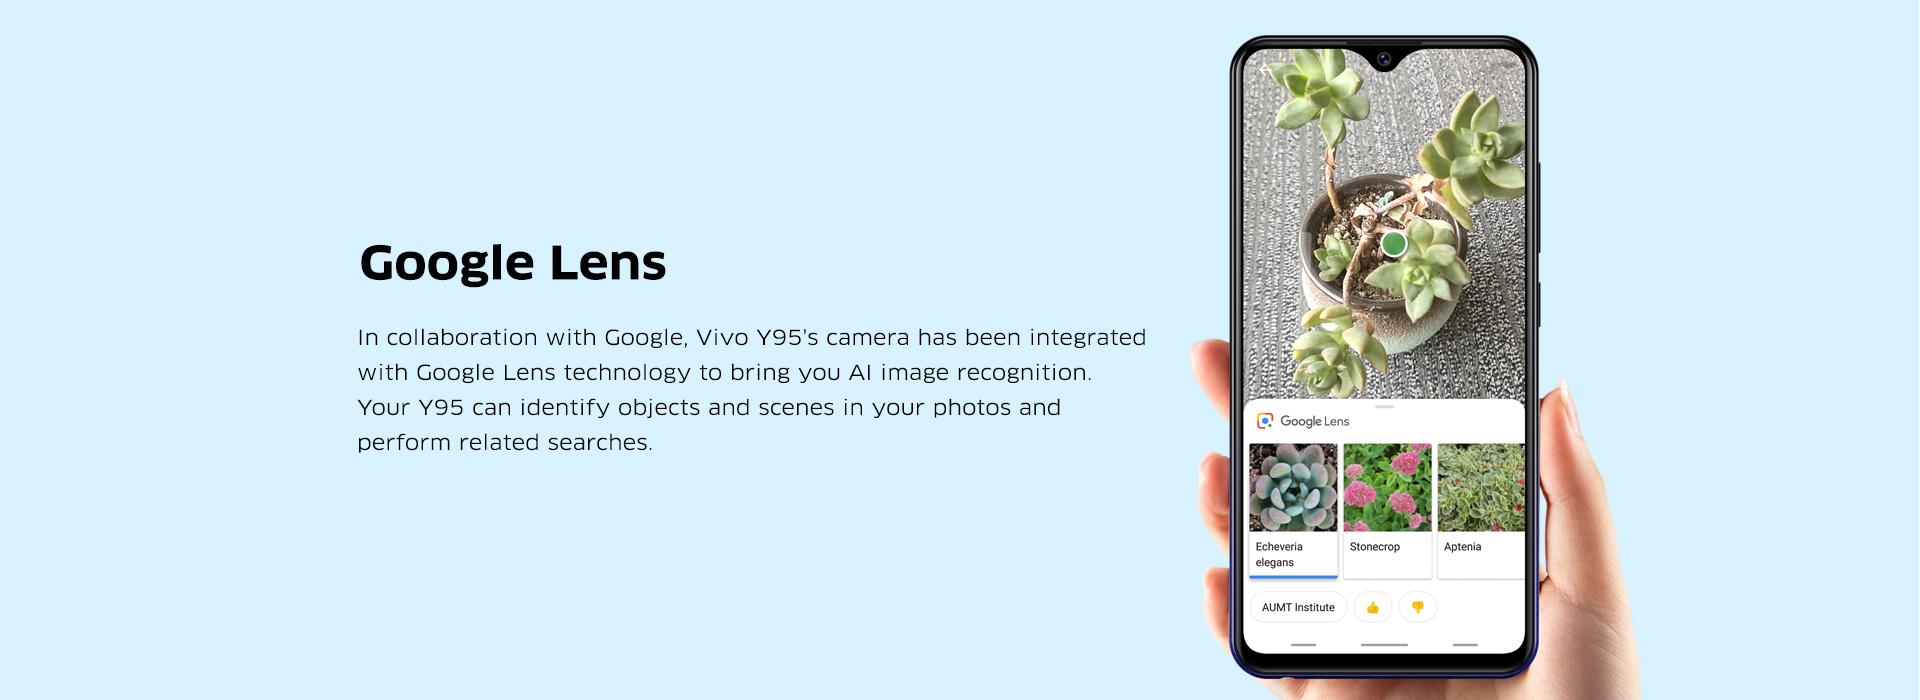 Vivo Y95 Features – Google Lens